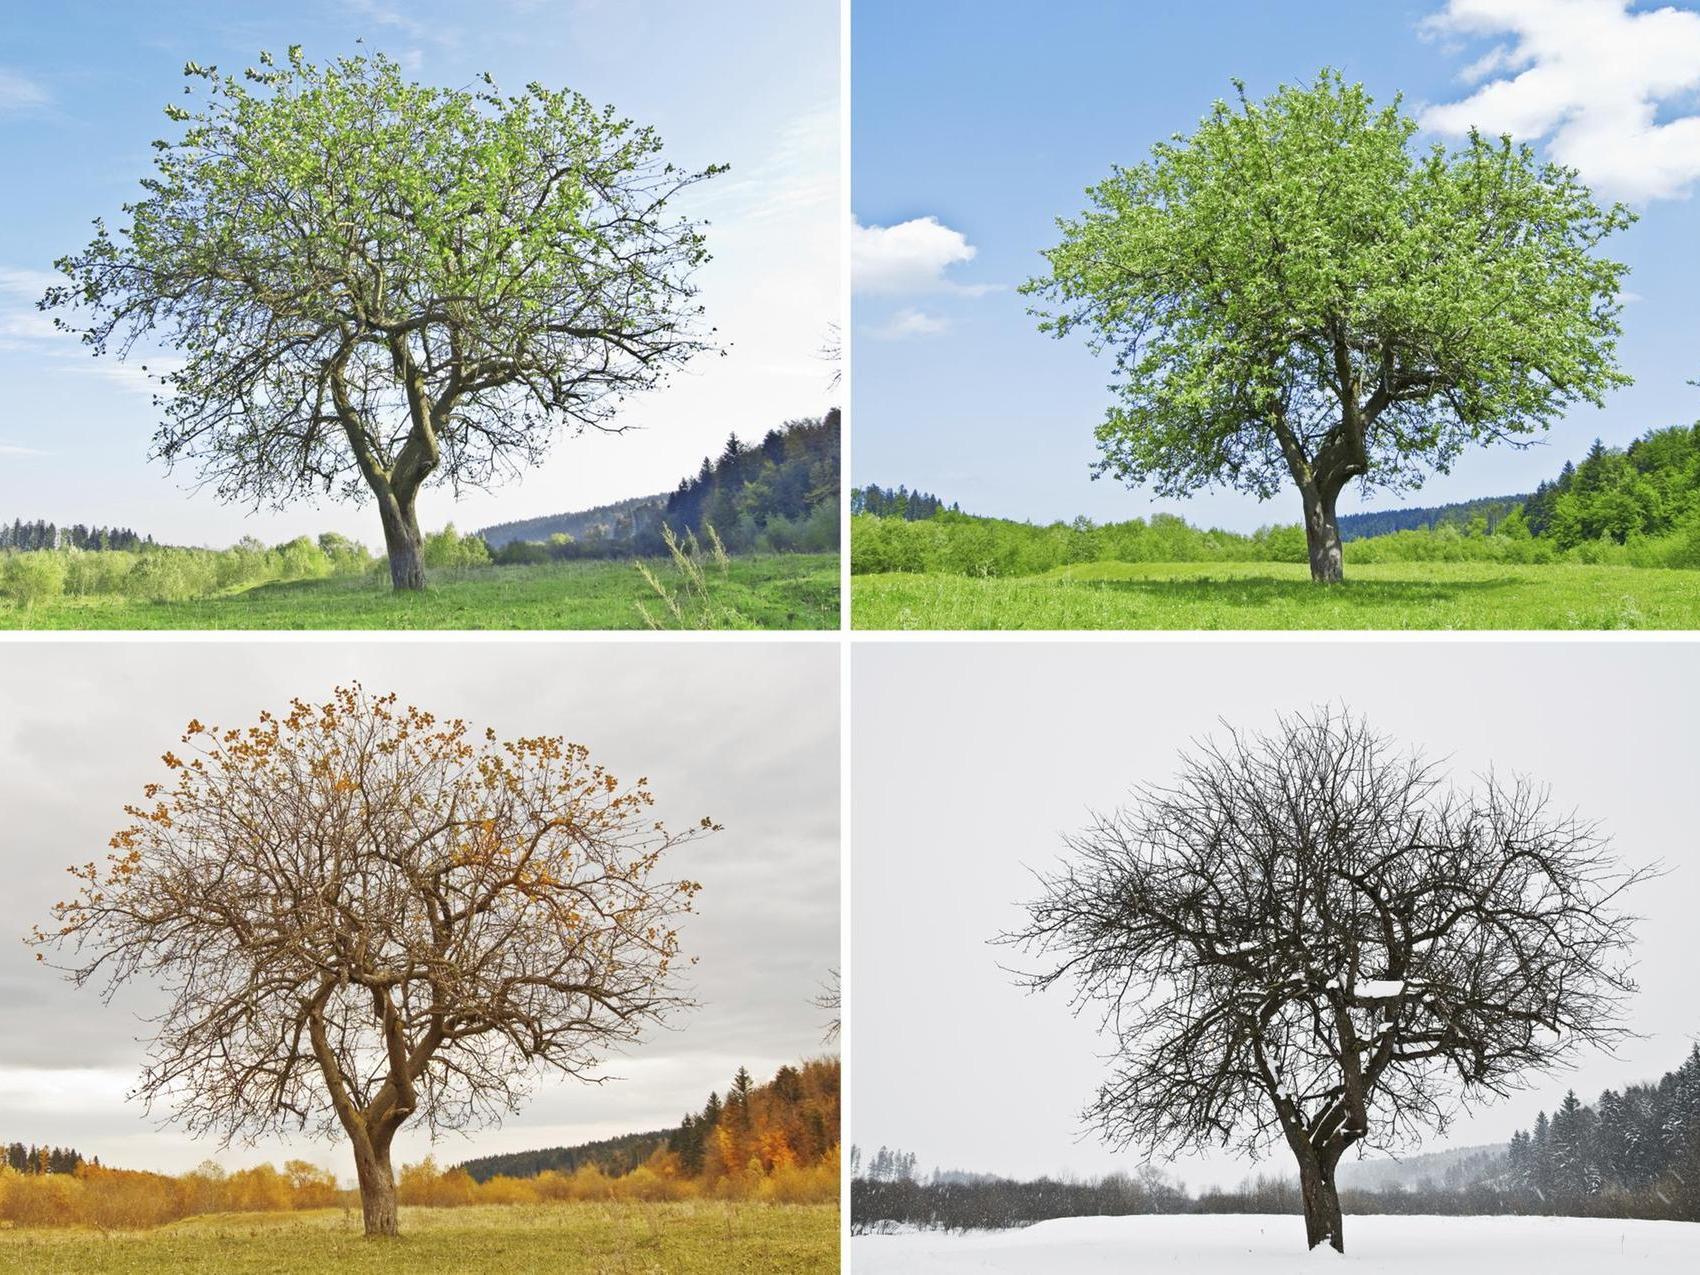 Warum Gibt Es Jahreszeiten? Wetterwechsel Einfach Erklärt für Beginn Der Jahreszeiten